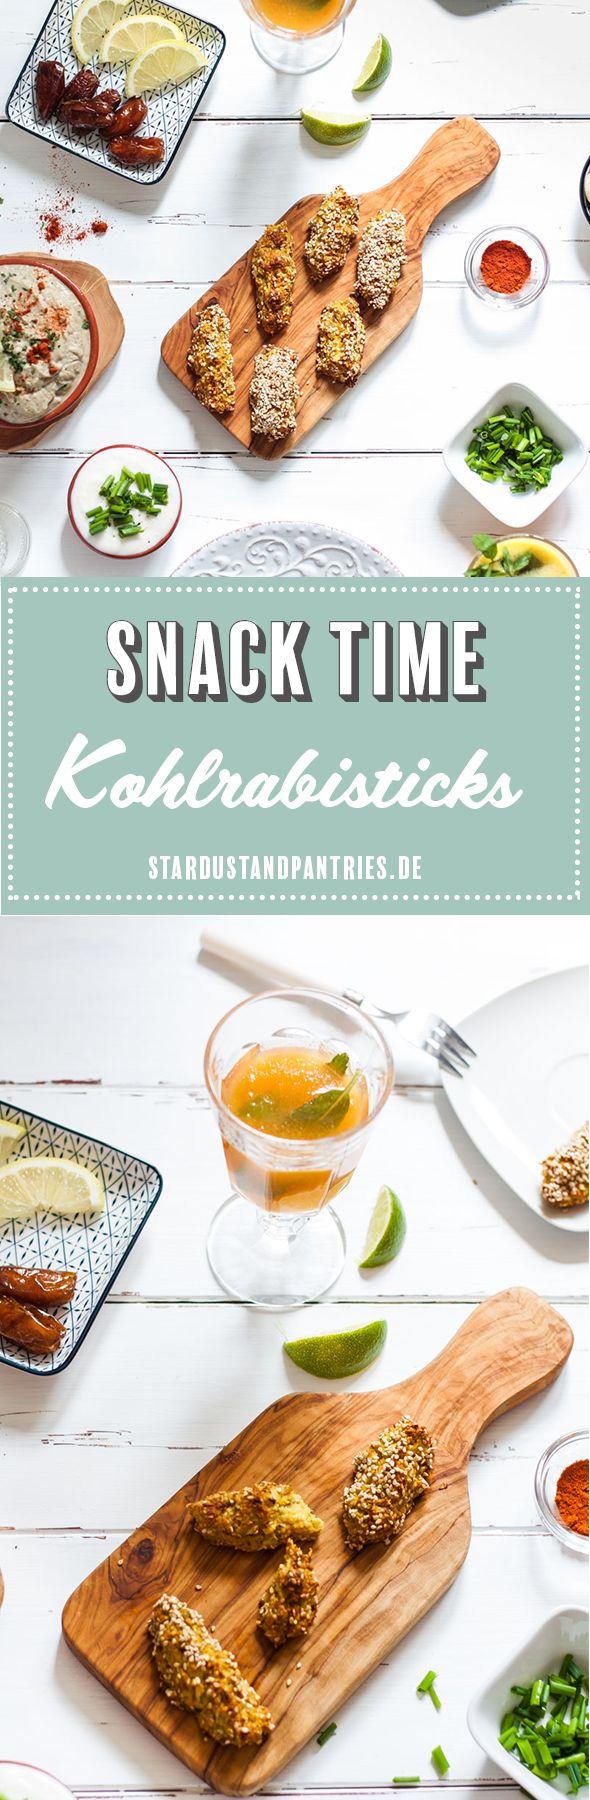 107 besten fingerfood und snacks bilder auf pinterest kochen herzhaft und partyh ppchen. Black Bedroom Furniture Sets. Home Design Ideas